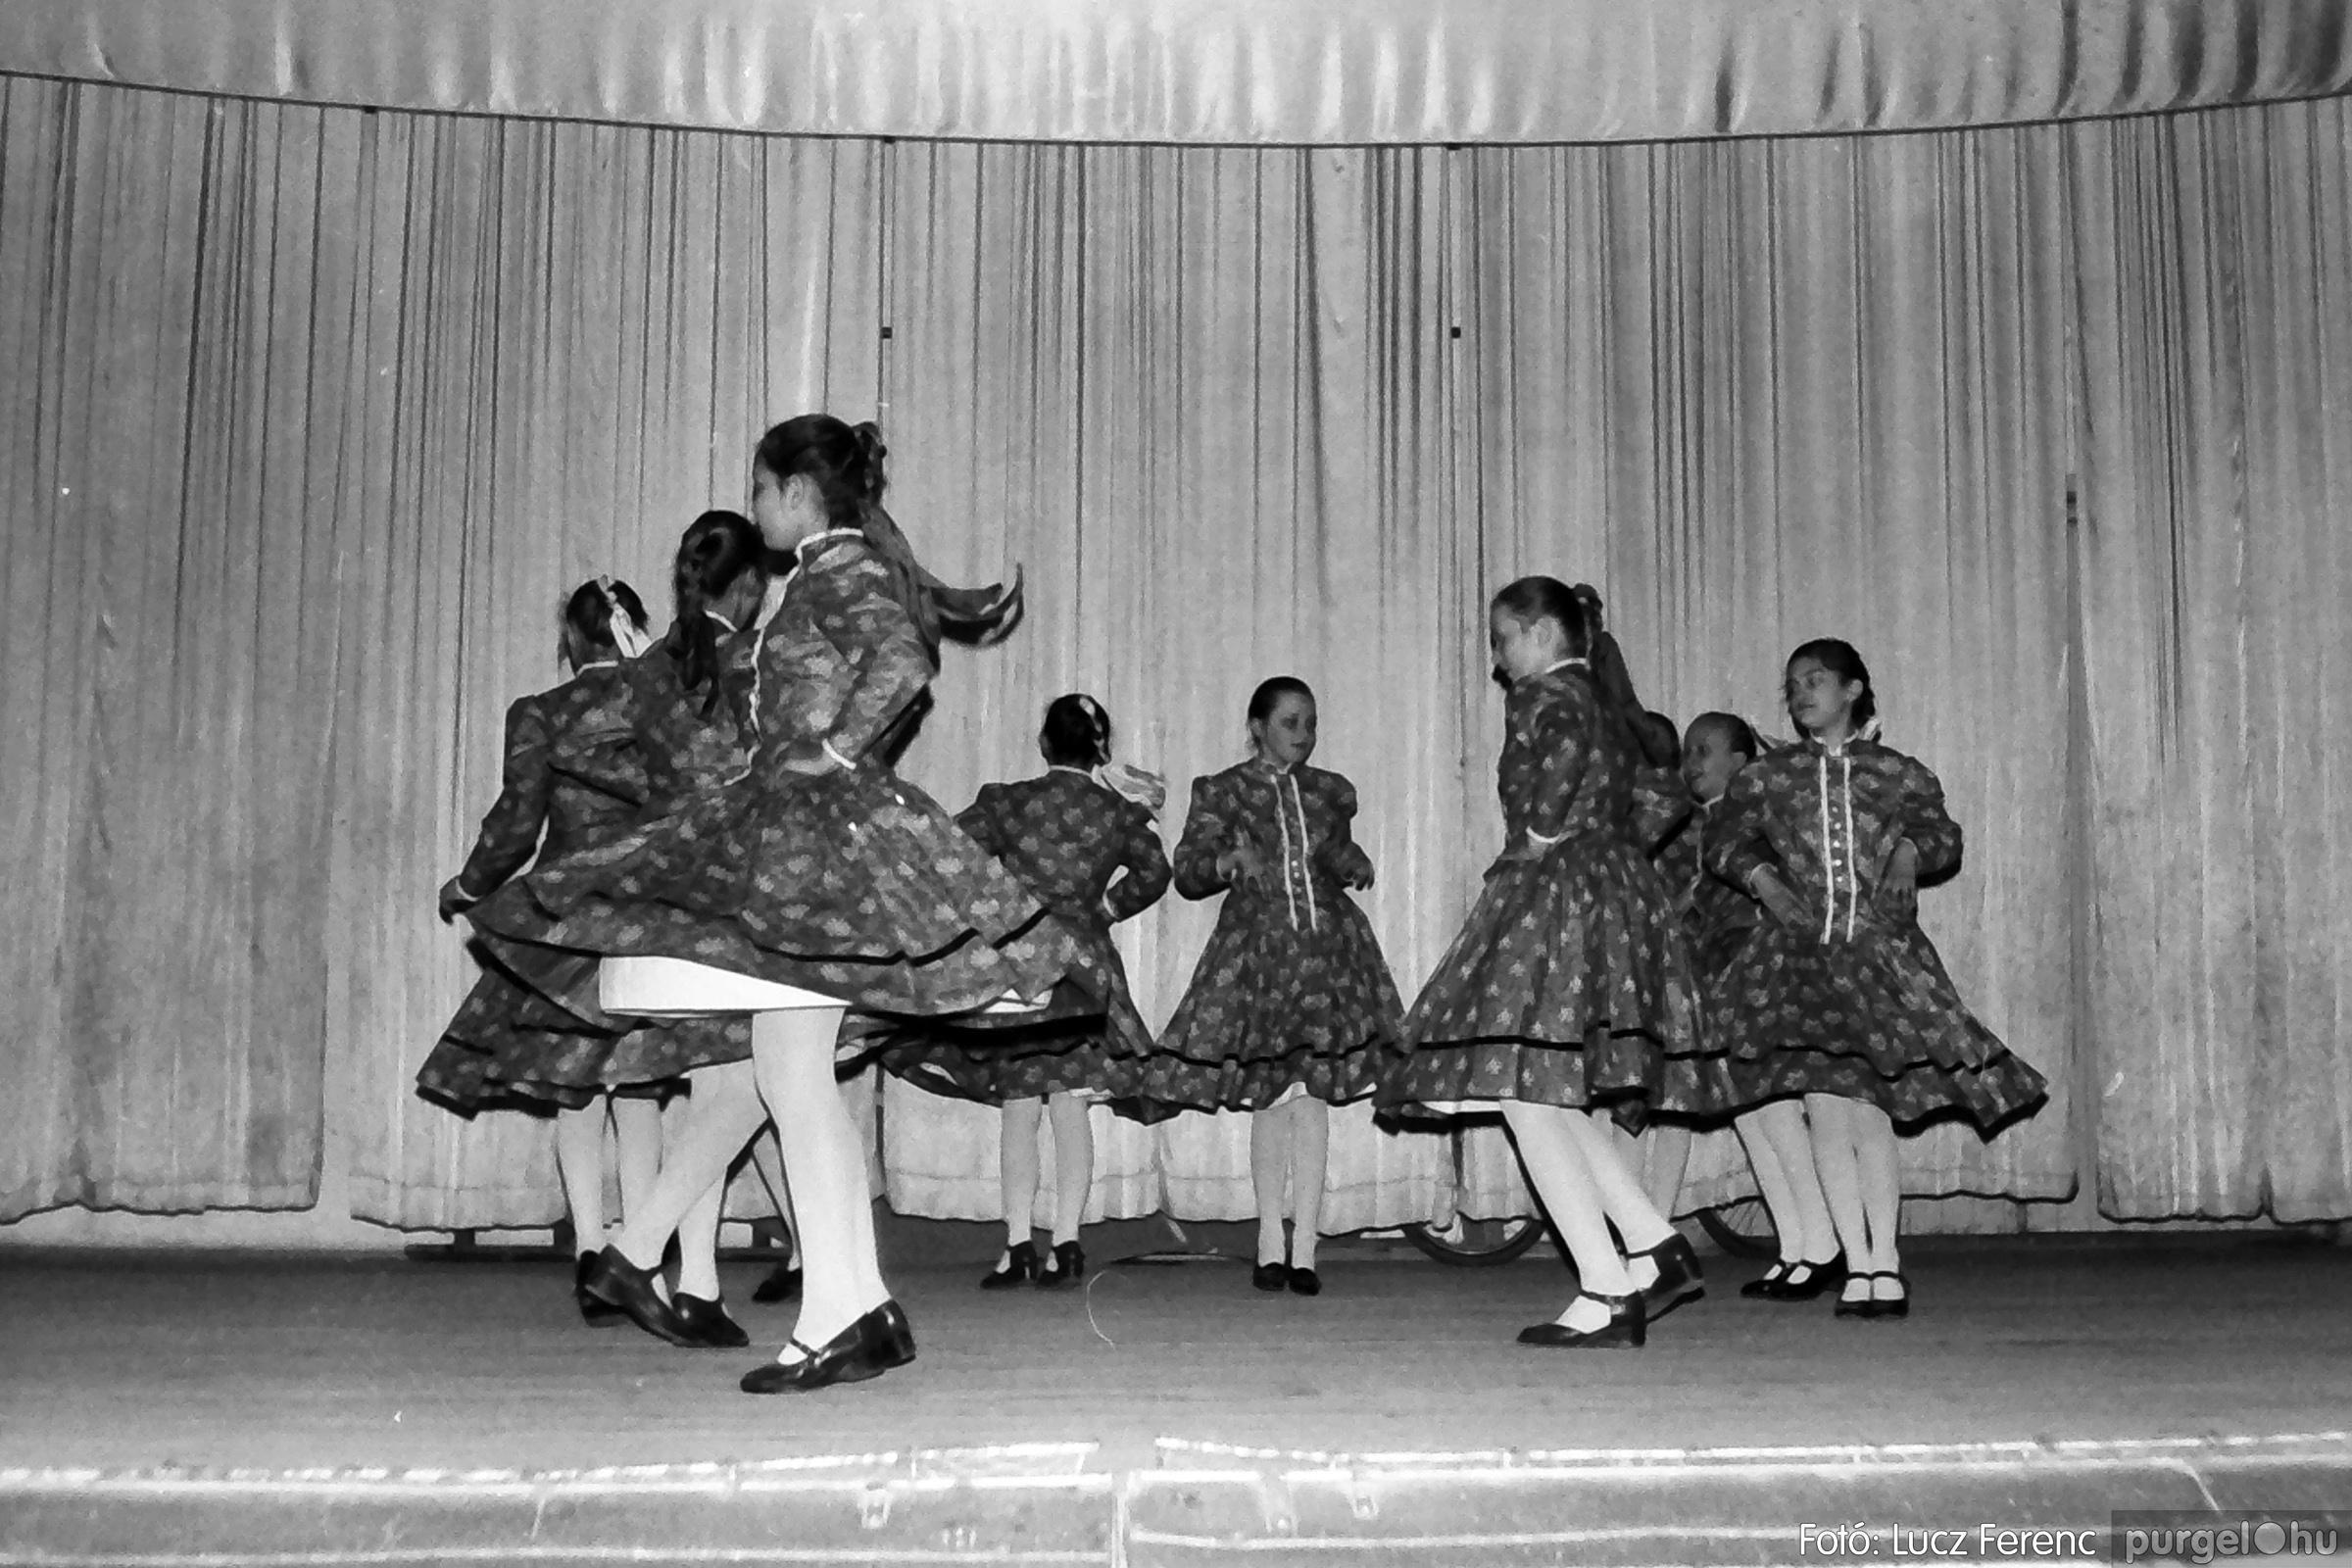 076. 1977. Iskolások fellépése a kultúrházban 005. - Fotó: Lucz Ferenc.jpg